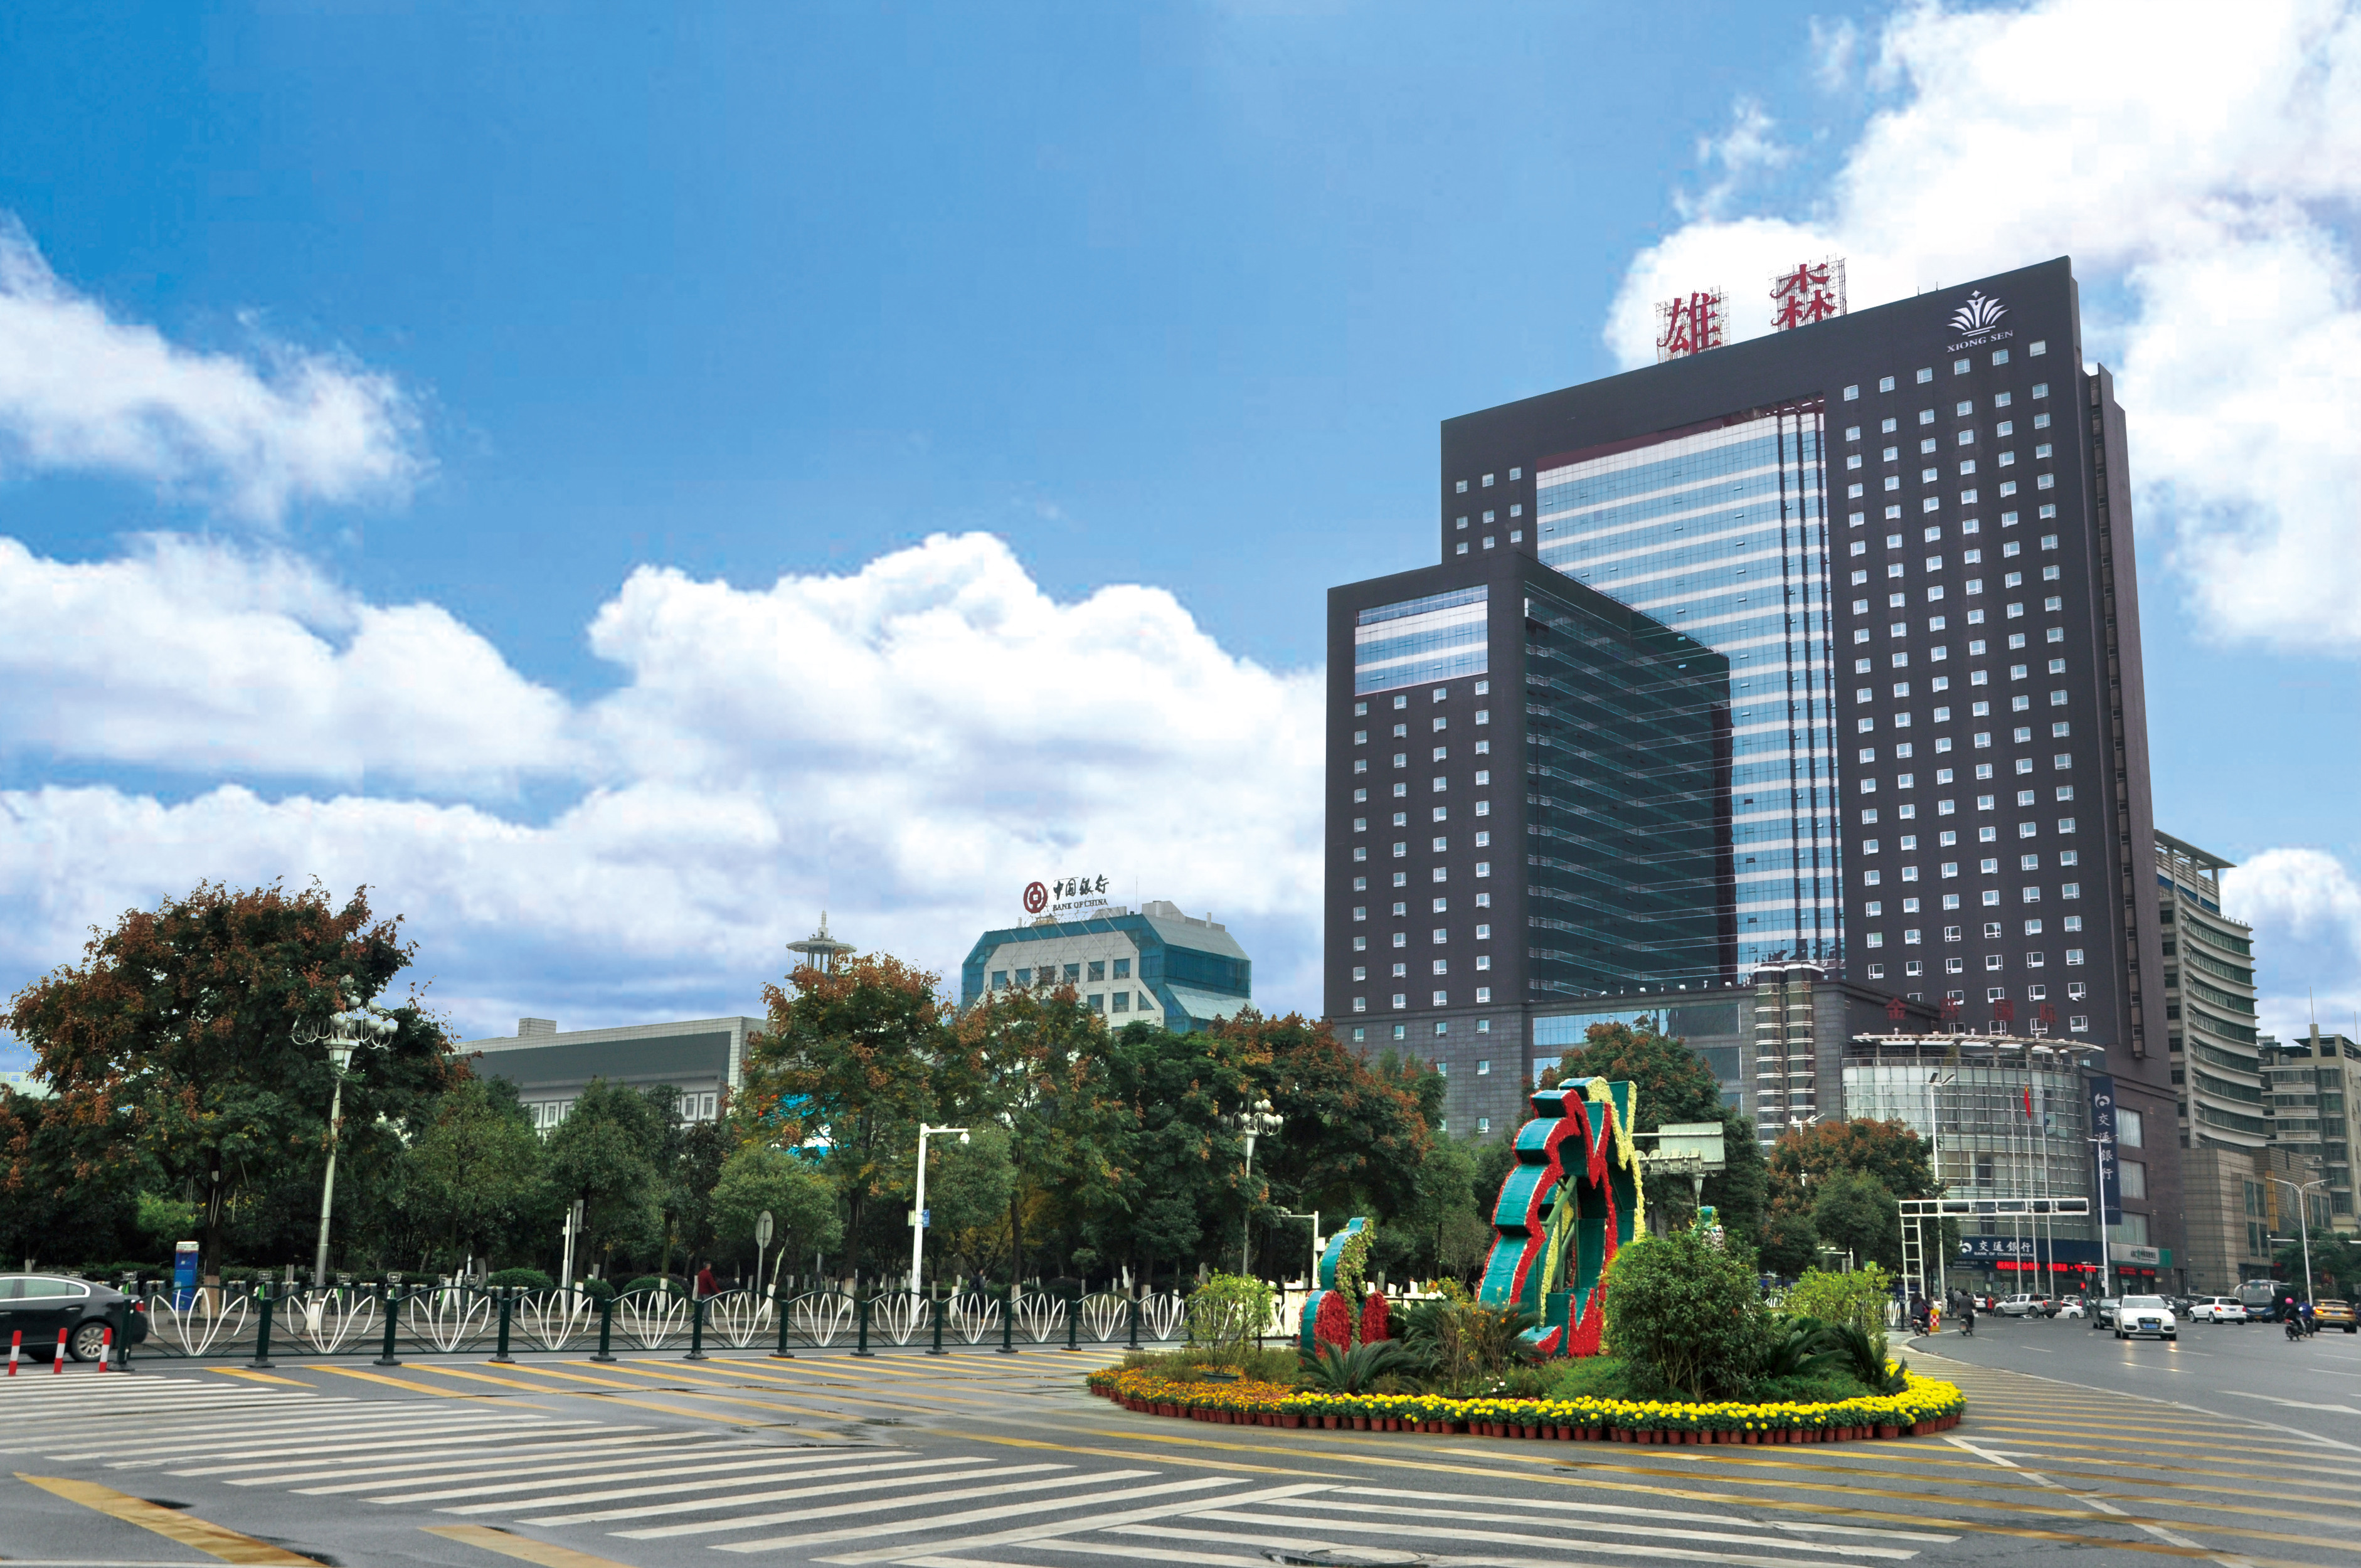 雄森国际假日酒店预订/团购